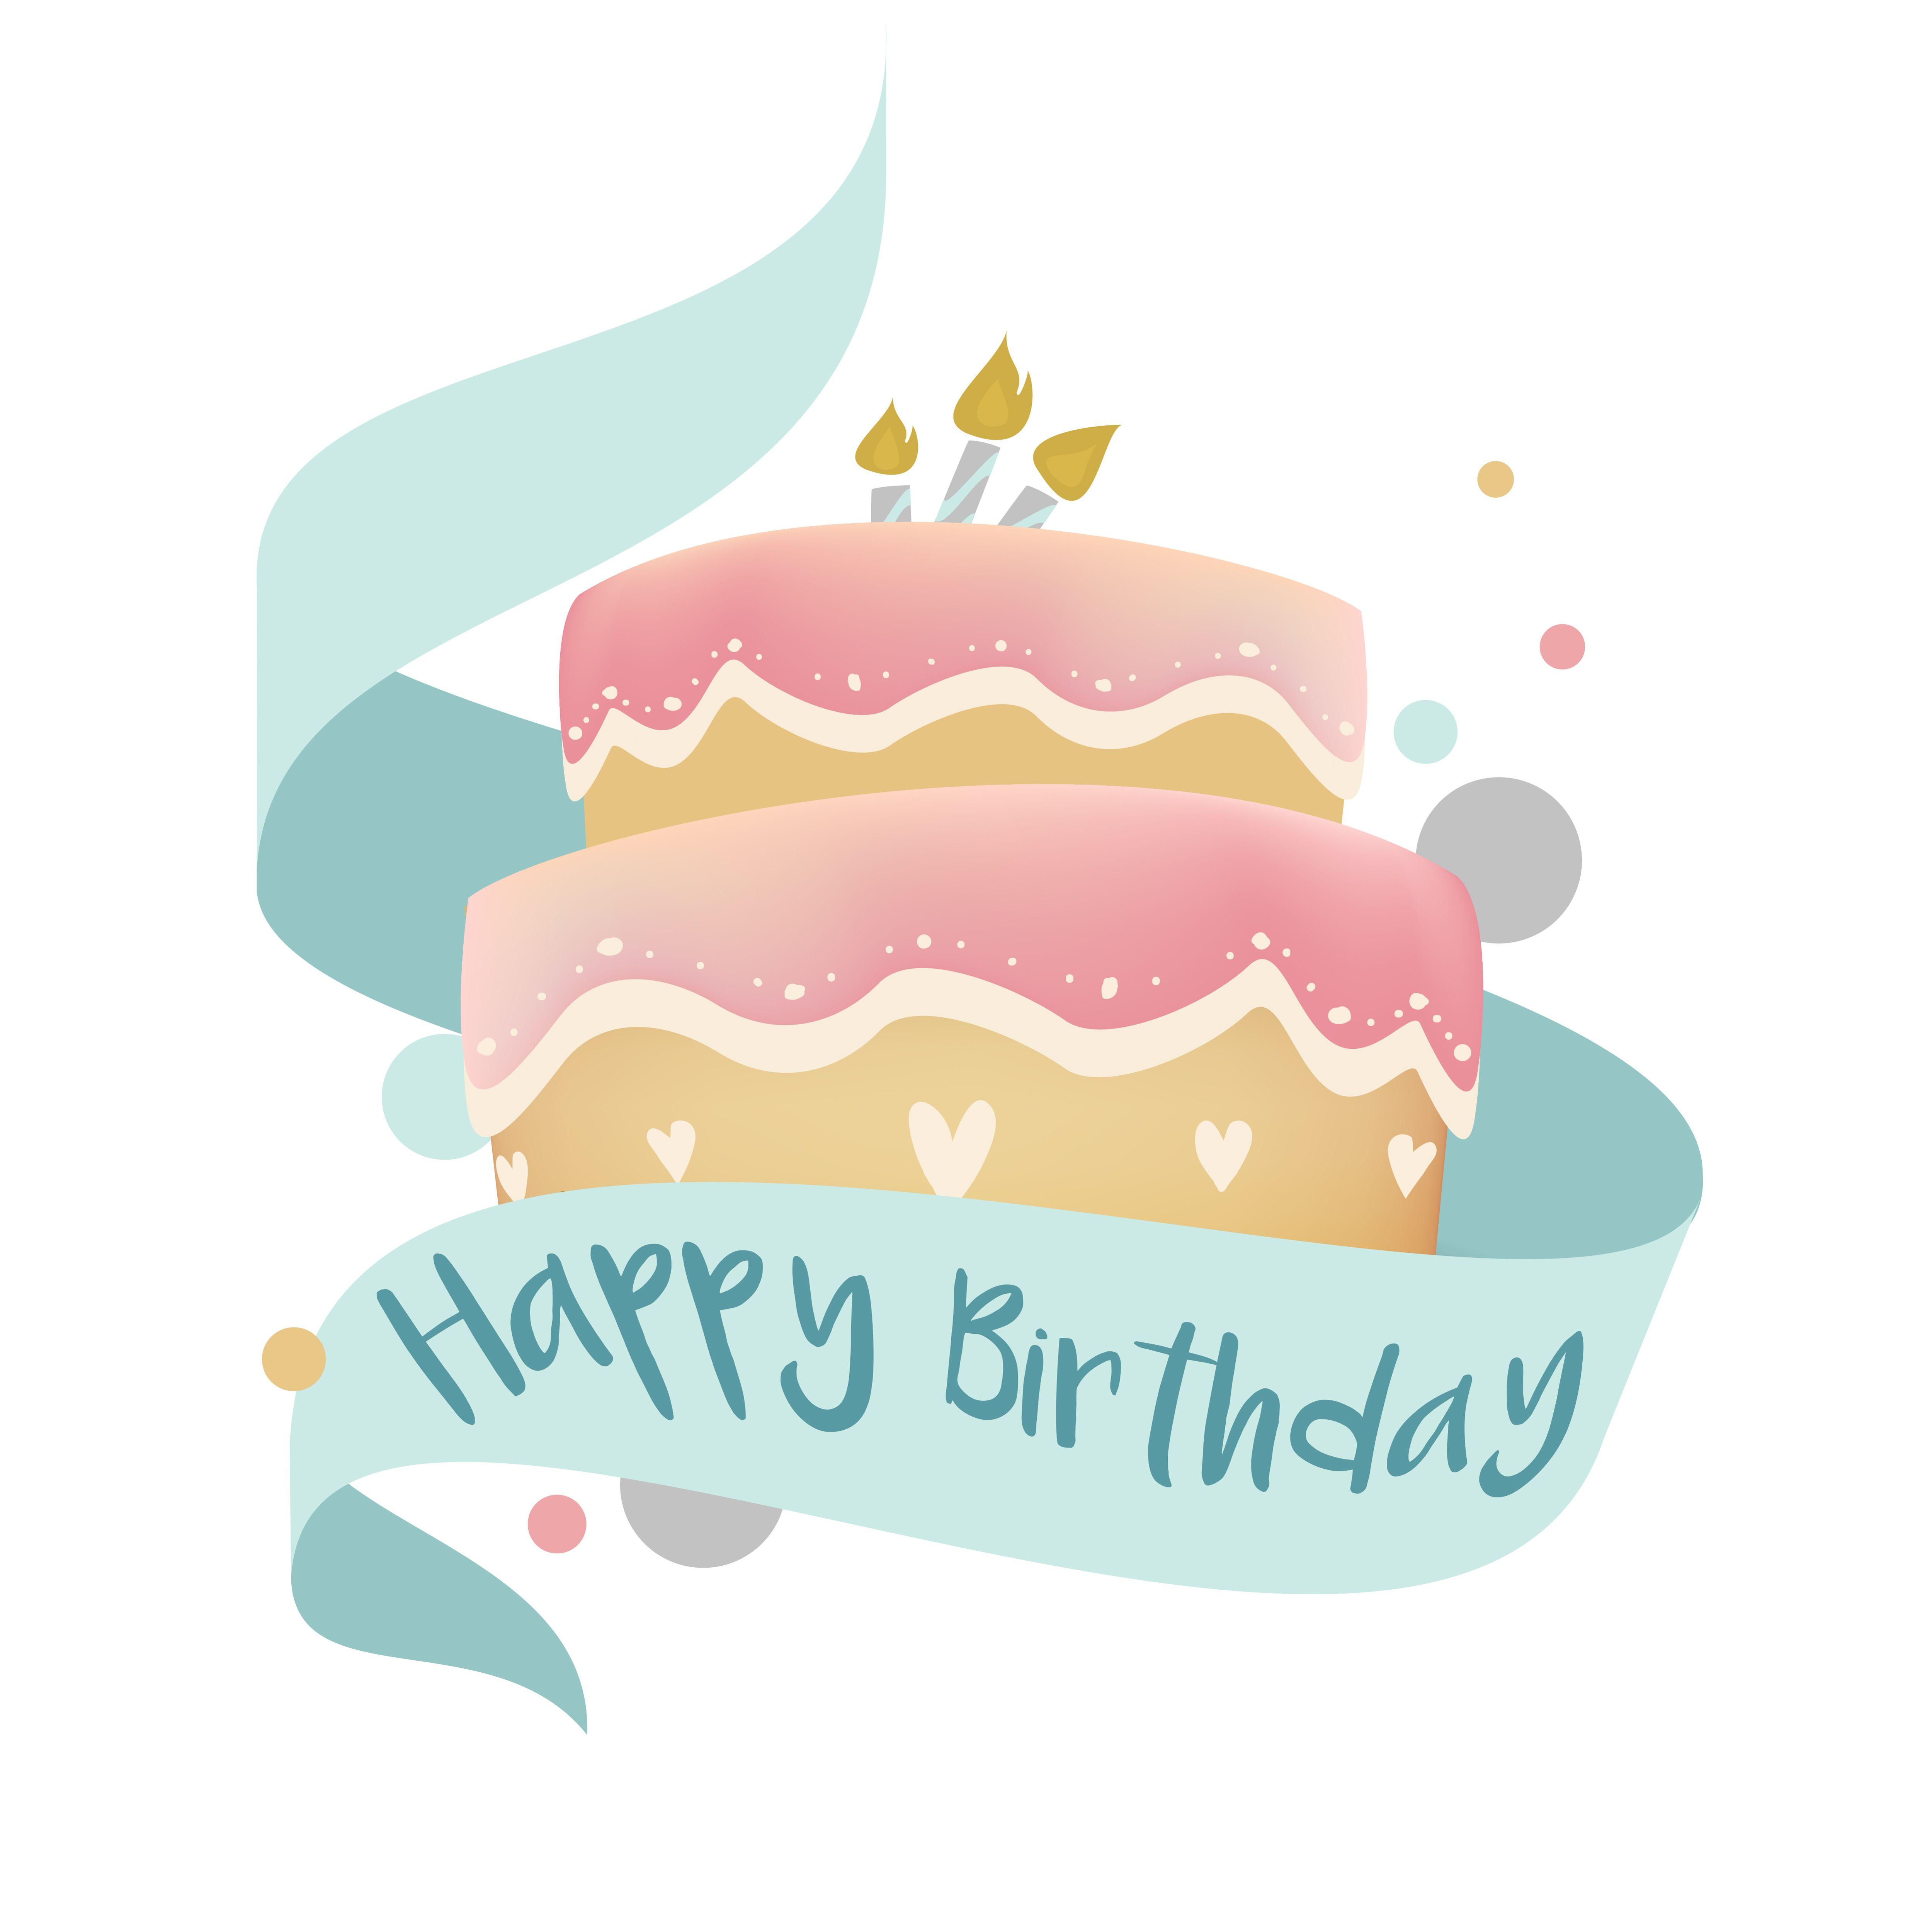 Happy Birthday Cake Design Vector Happy Birthday Card Design Happy Birthday Illustration Happy Birthday Images